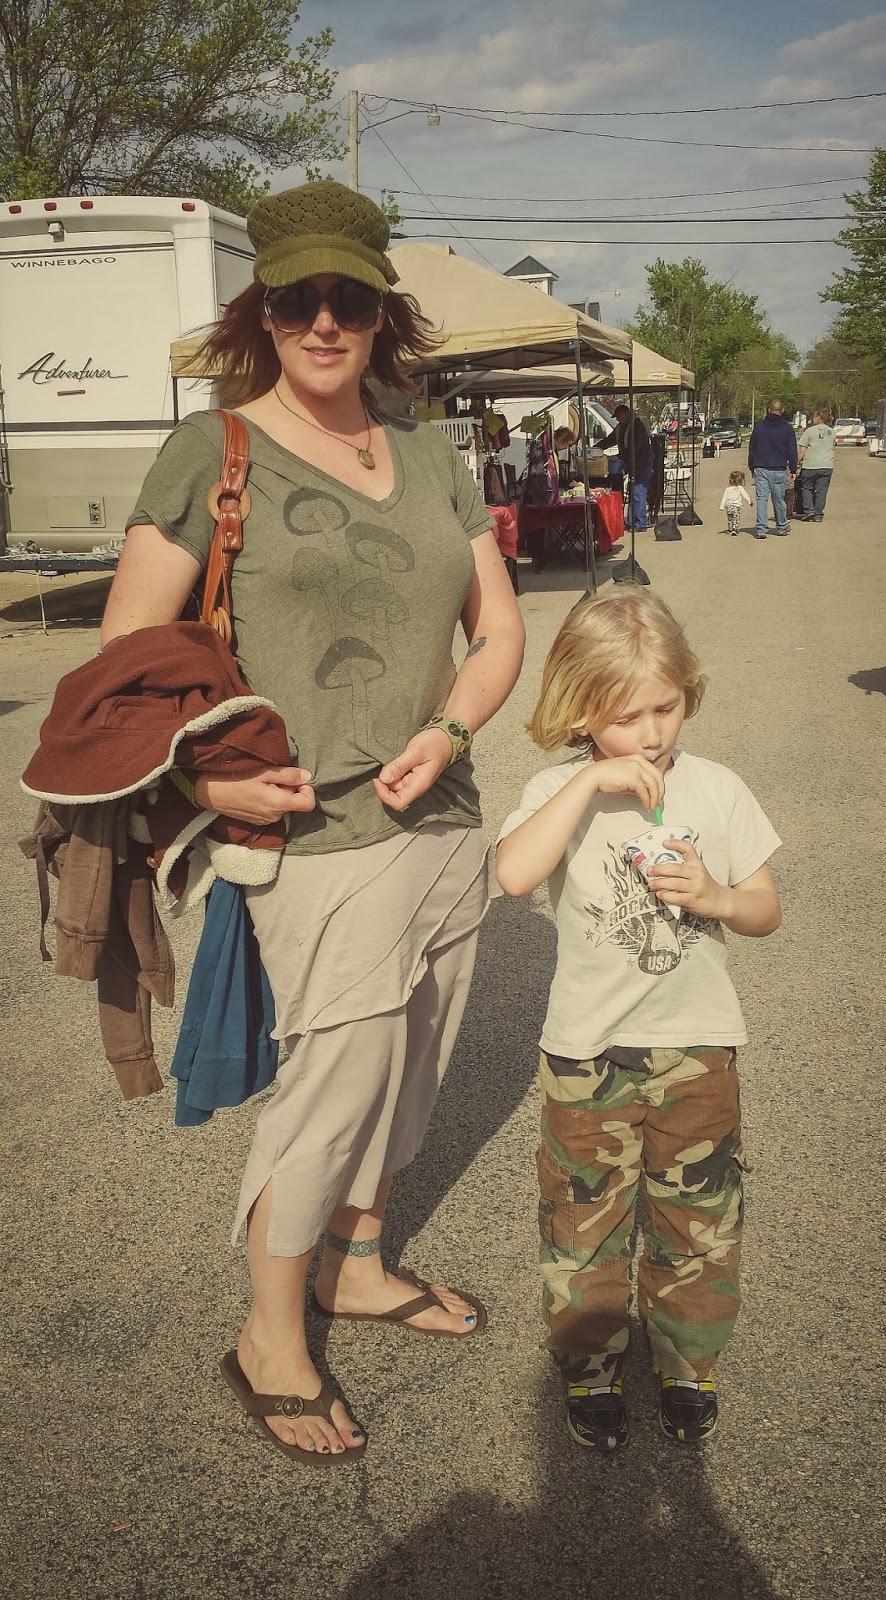 20140517 165838 - Weekend Adventure in Wisconsin